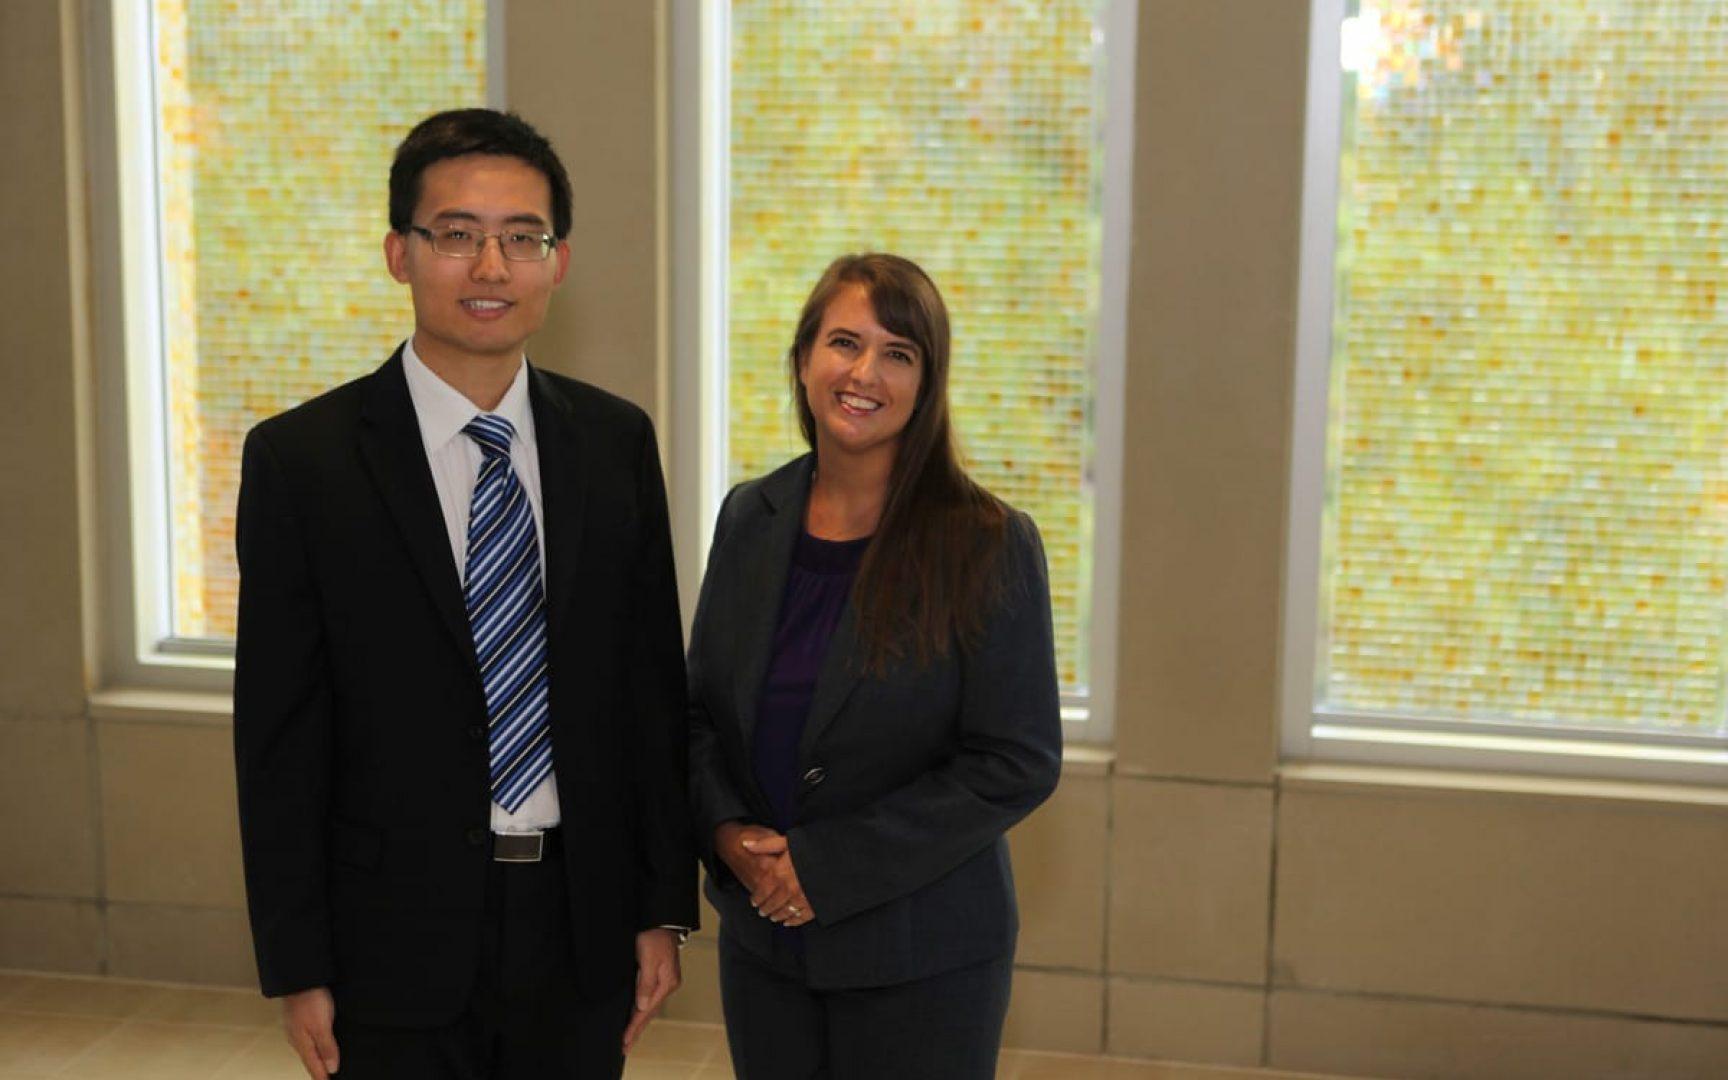 Liangfei Qiu and Michelle Darnell